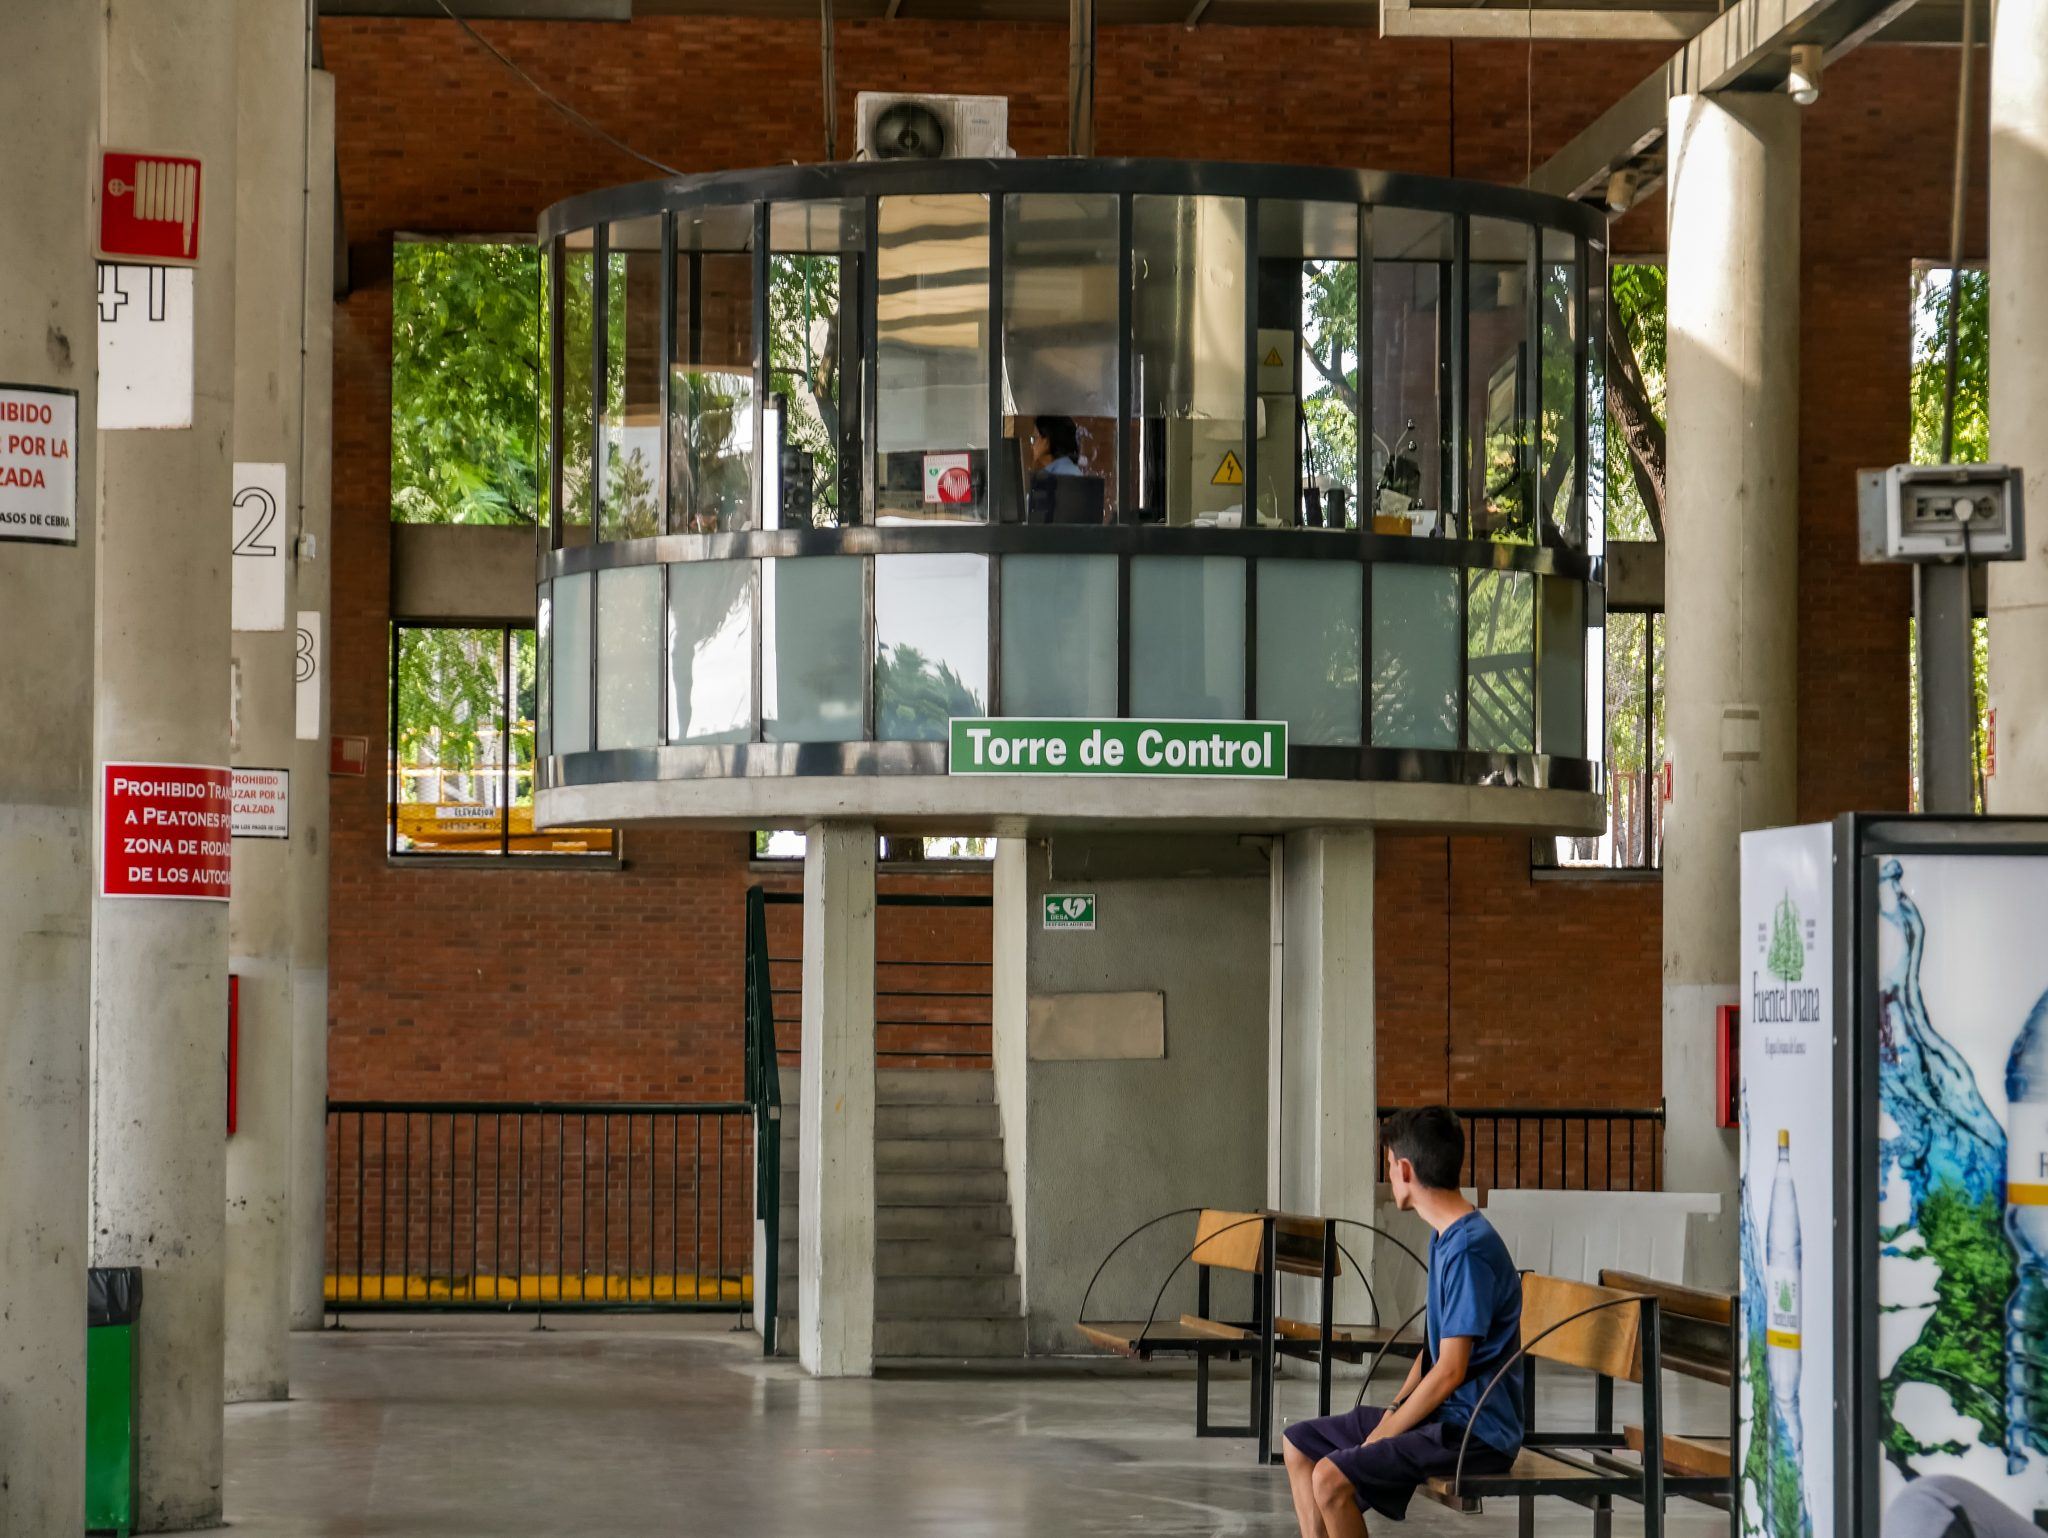 """Wie an jedem Flughafen, hat auch der Busbahnhof in Sevilla einen """"Tower"""", oder auch """"Torre de Control""""."""